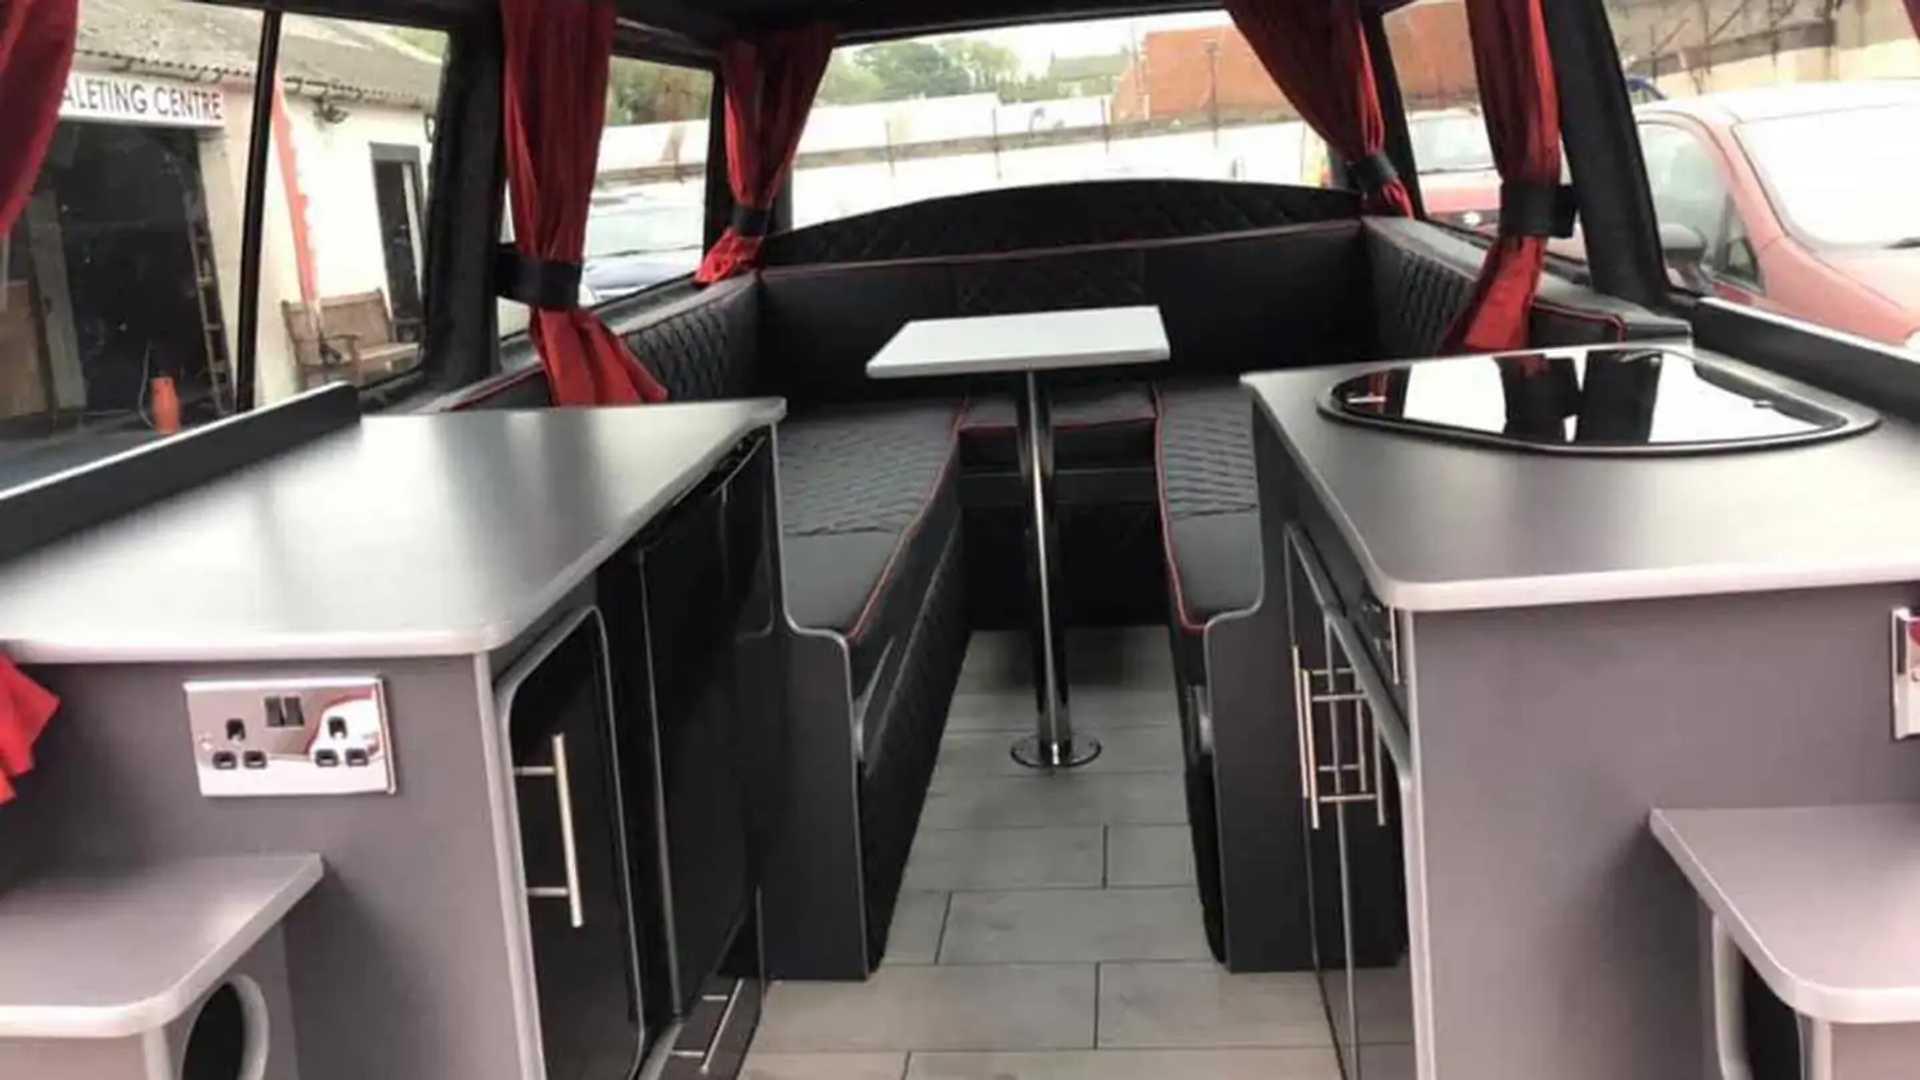 Vw Transporter Becomes True Camper Van With Secret Under The Hood